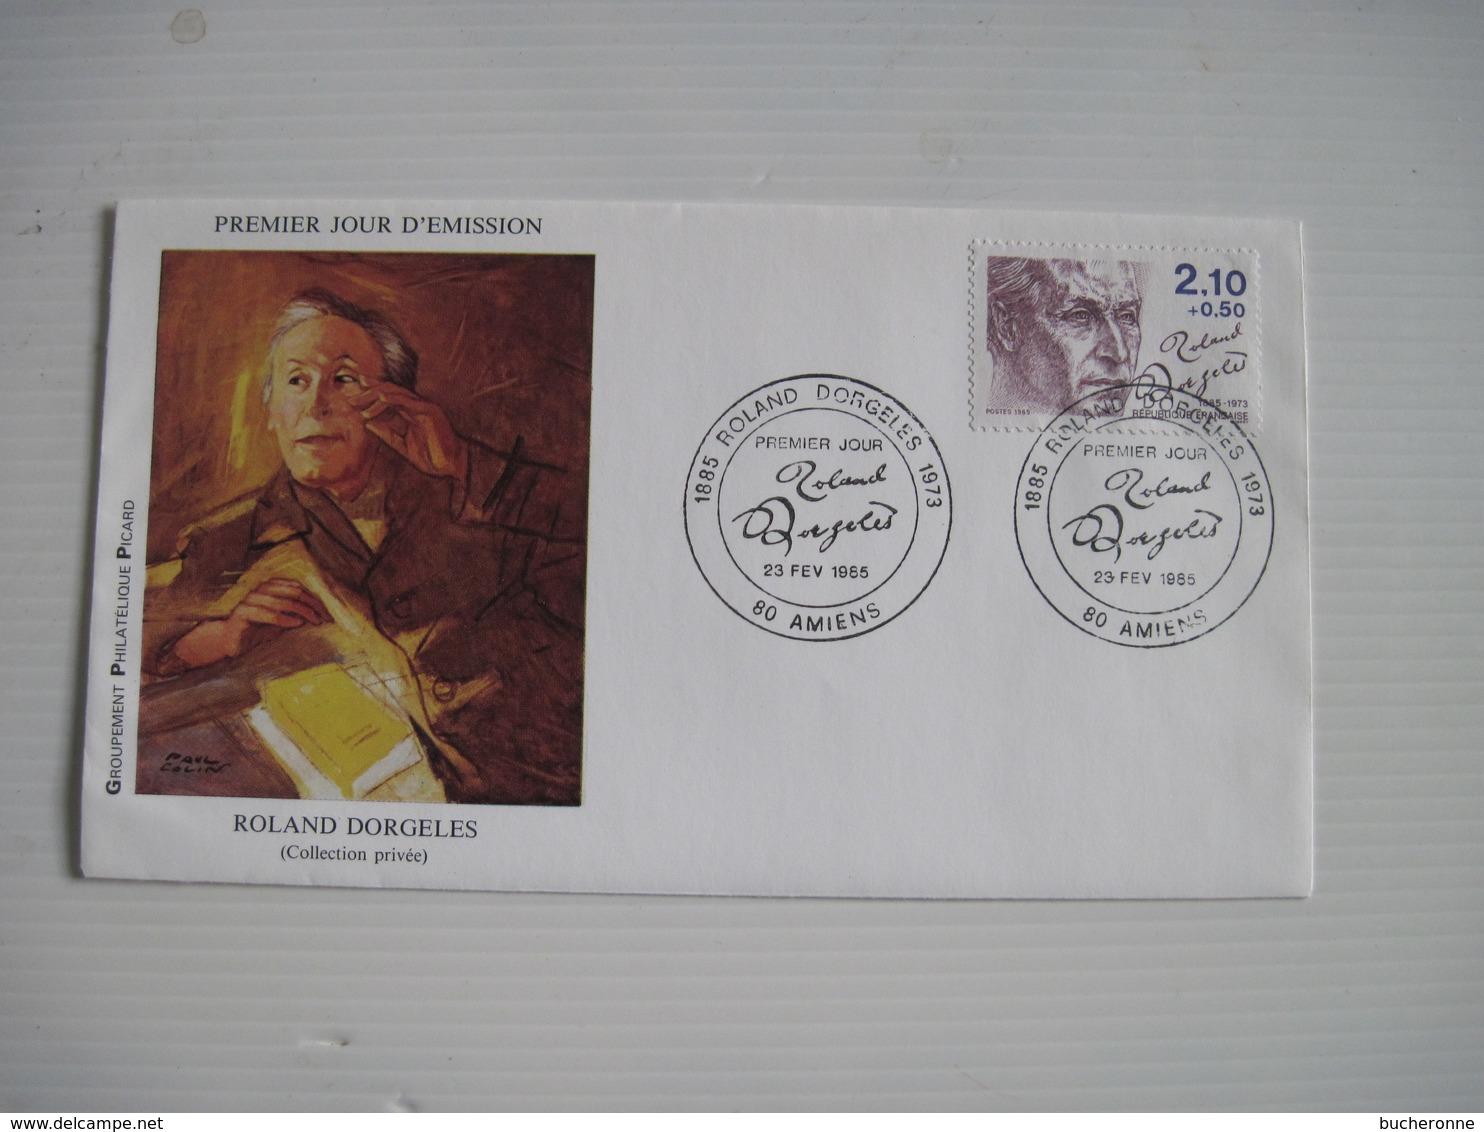 PREMIER JOUR D'EMISSION ROLAND DORGELES 23 Fév 1985 (collection Privée) 80 AMIENS  T.B.E. - Marcophilie (Lettres)